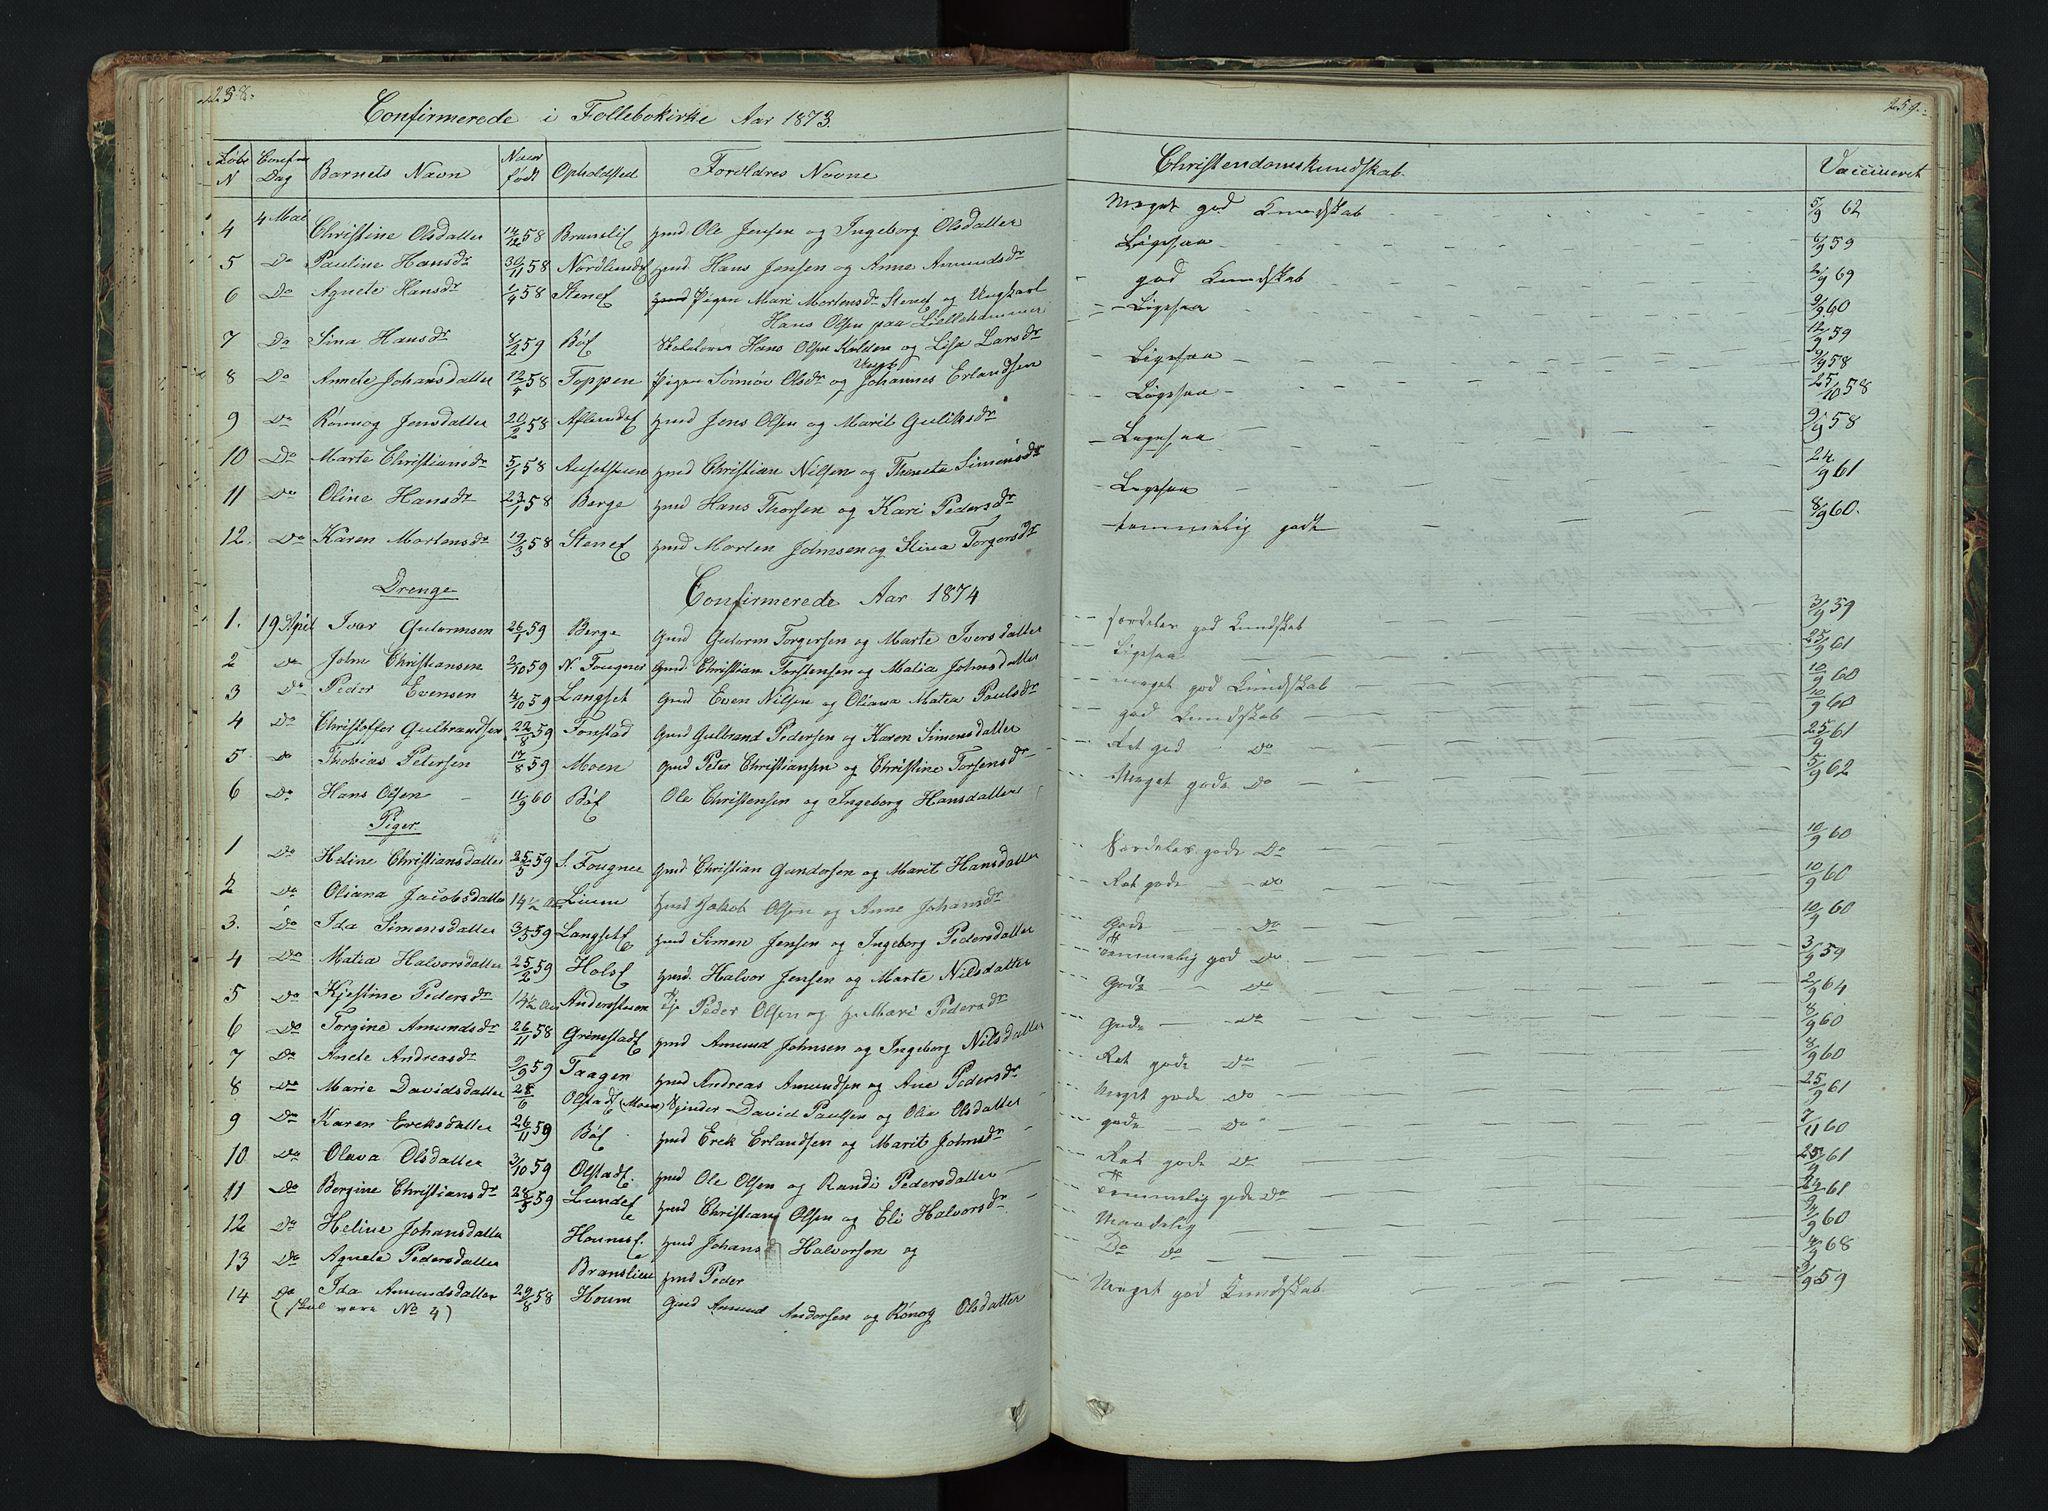 SAH, Gausdal prestekontor, Klokkerbok nr. 6, 1846-1893, s. 258-259